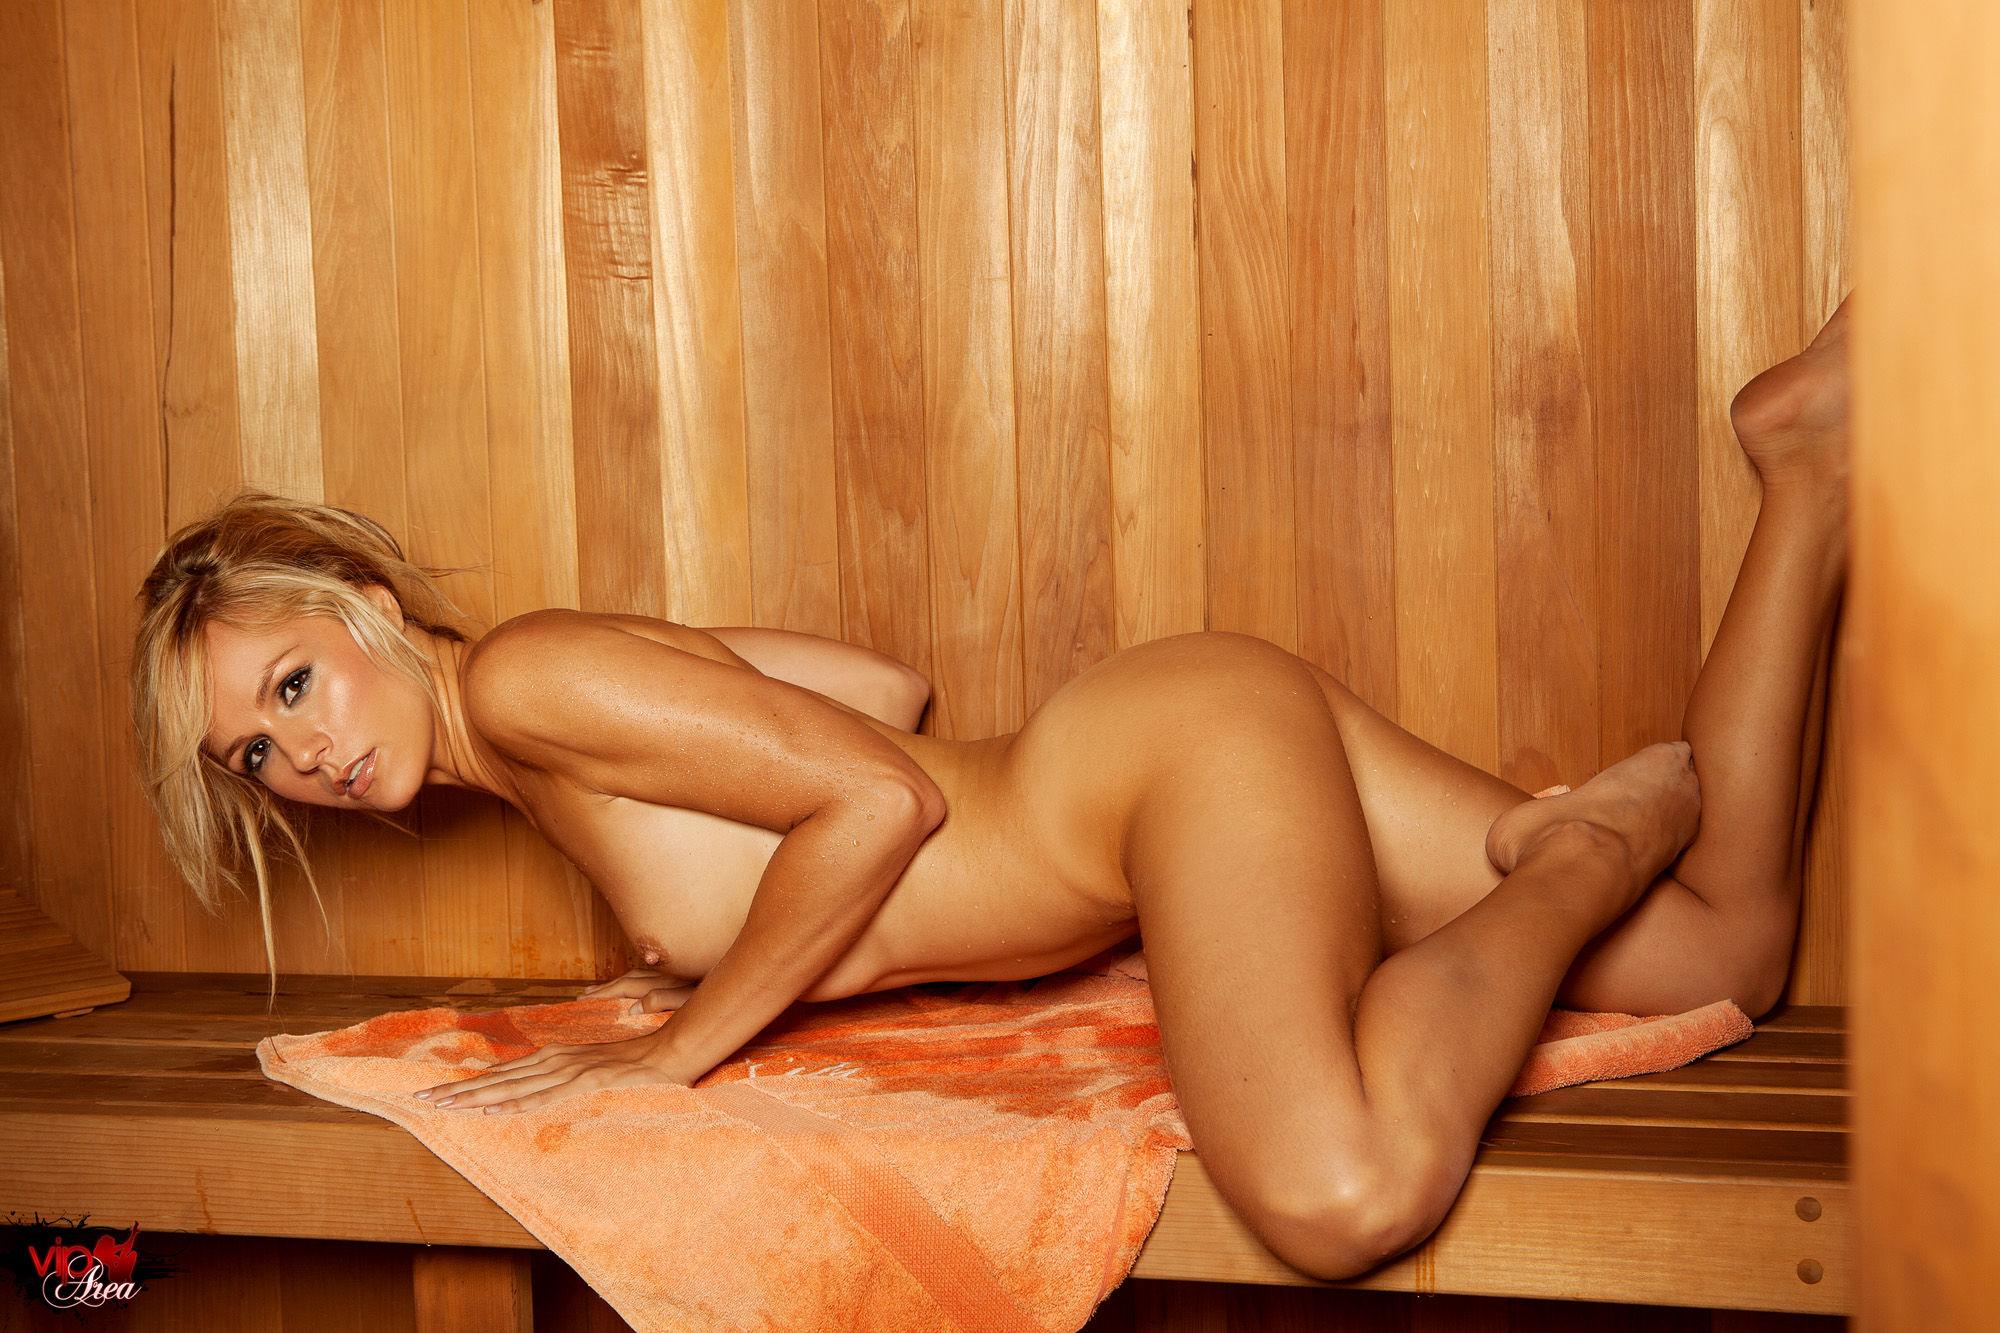 Смотреть женщины парятся в бане, Скрытая камера в женской бане, подглядывание в бане 18 фотография